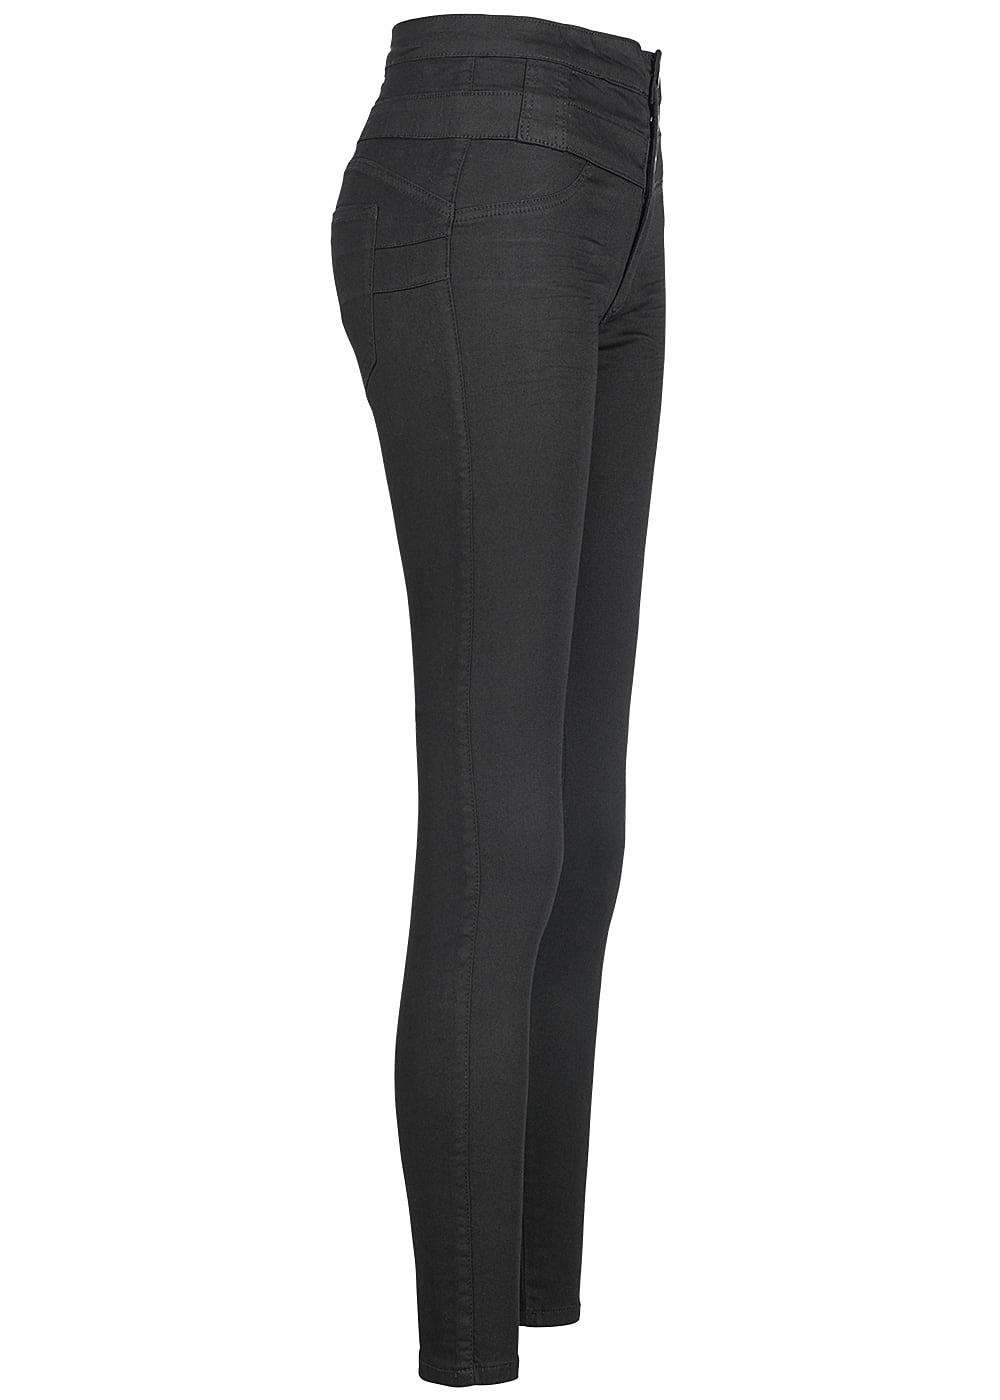 hailys damen jeans hose 3er knopfleiste high waist 2 taschen hinten schwarz 77onlineshop. Black Bedroom Furniture Sets. Home Design Ideas